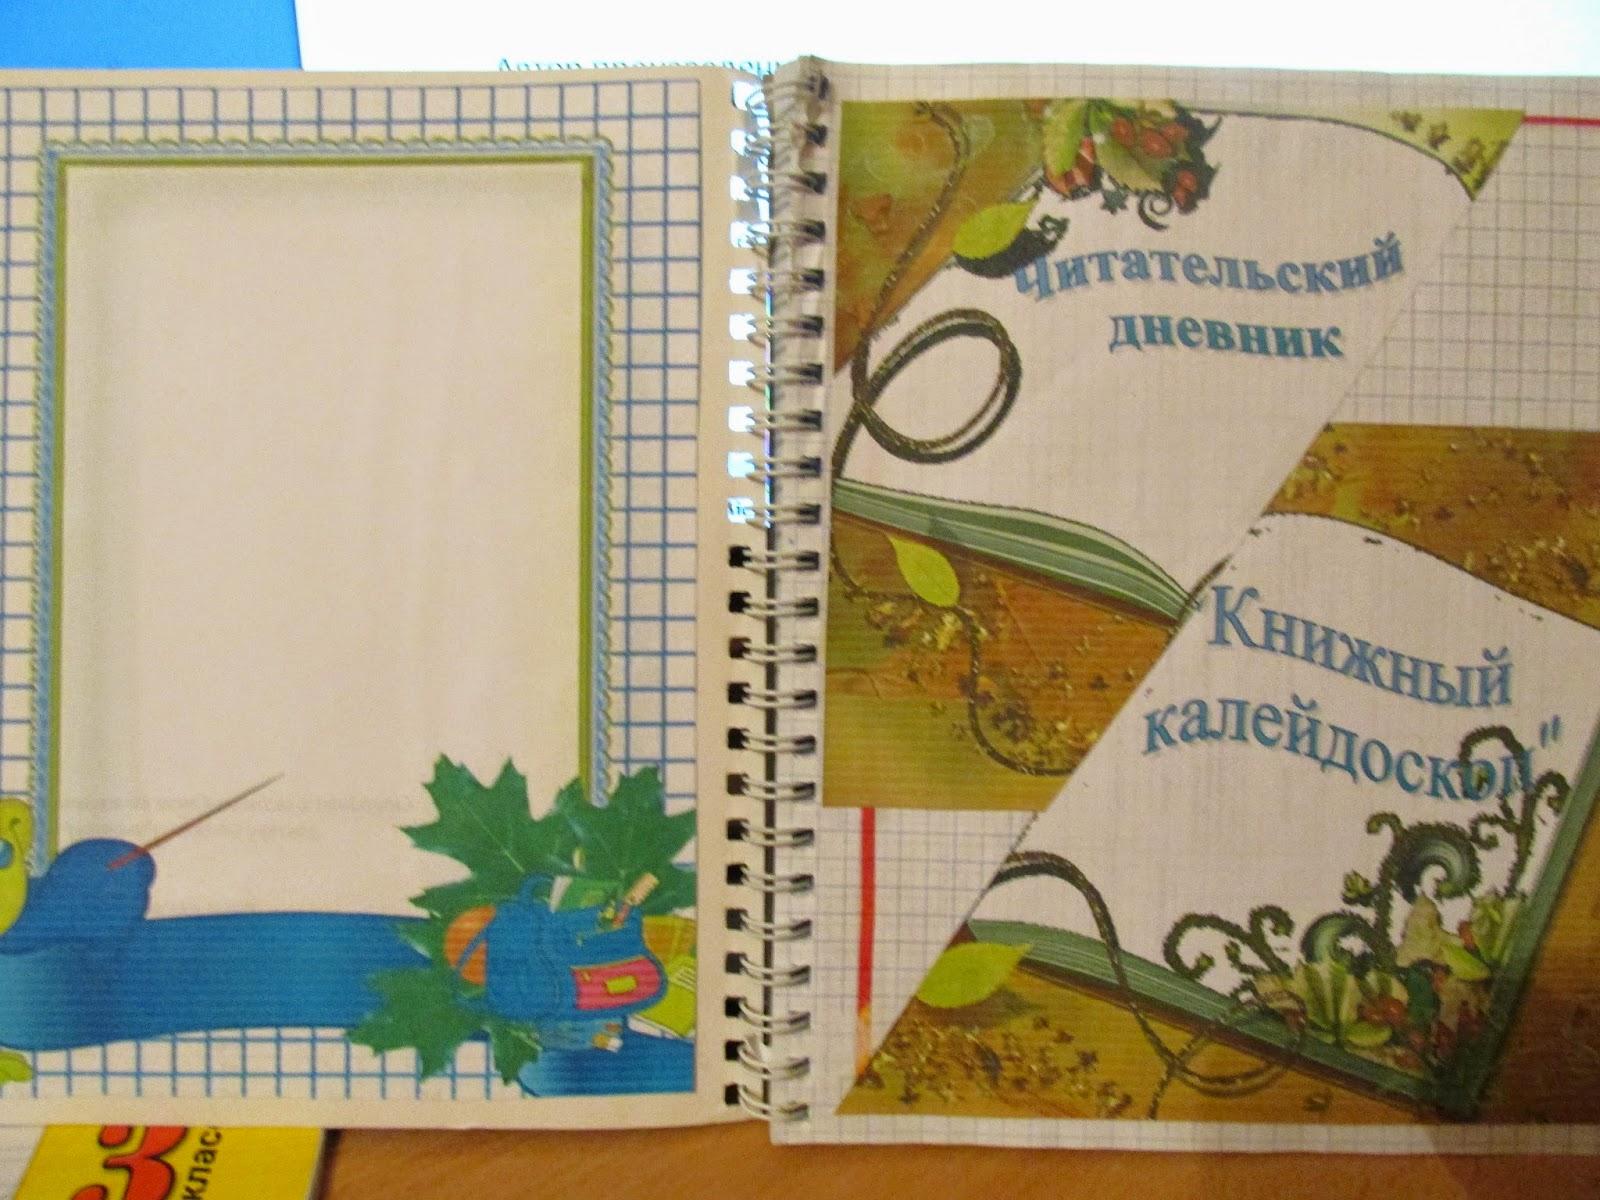 Дневник для 1 класса своими руками